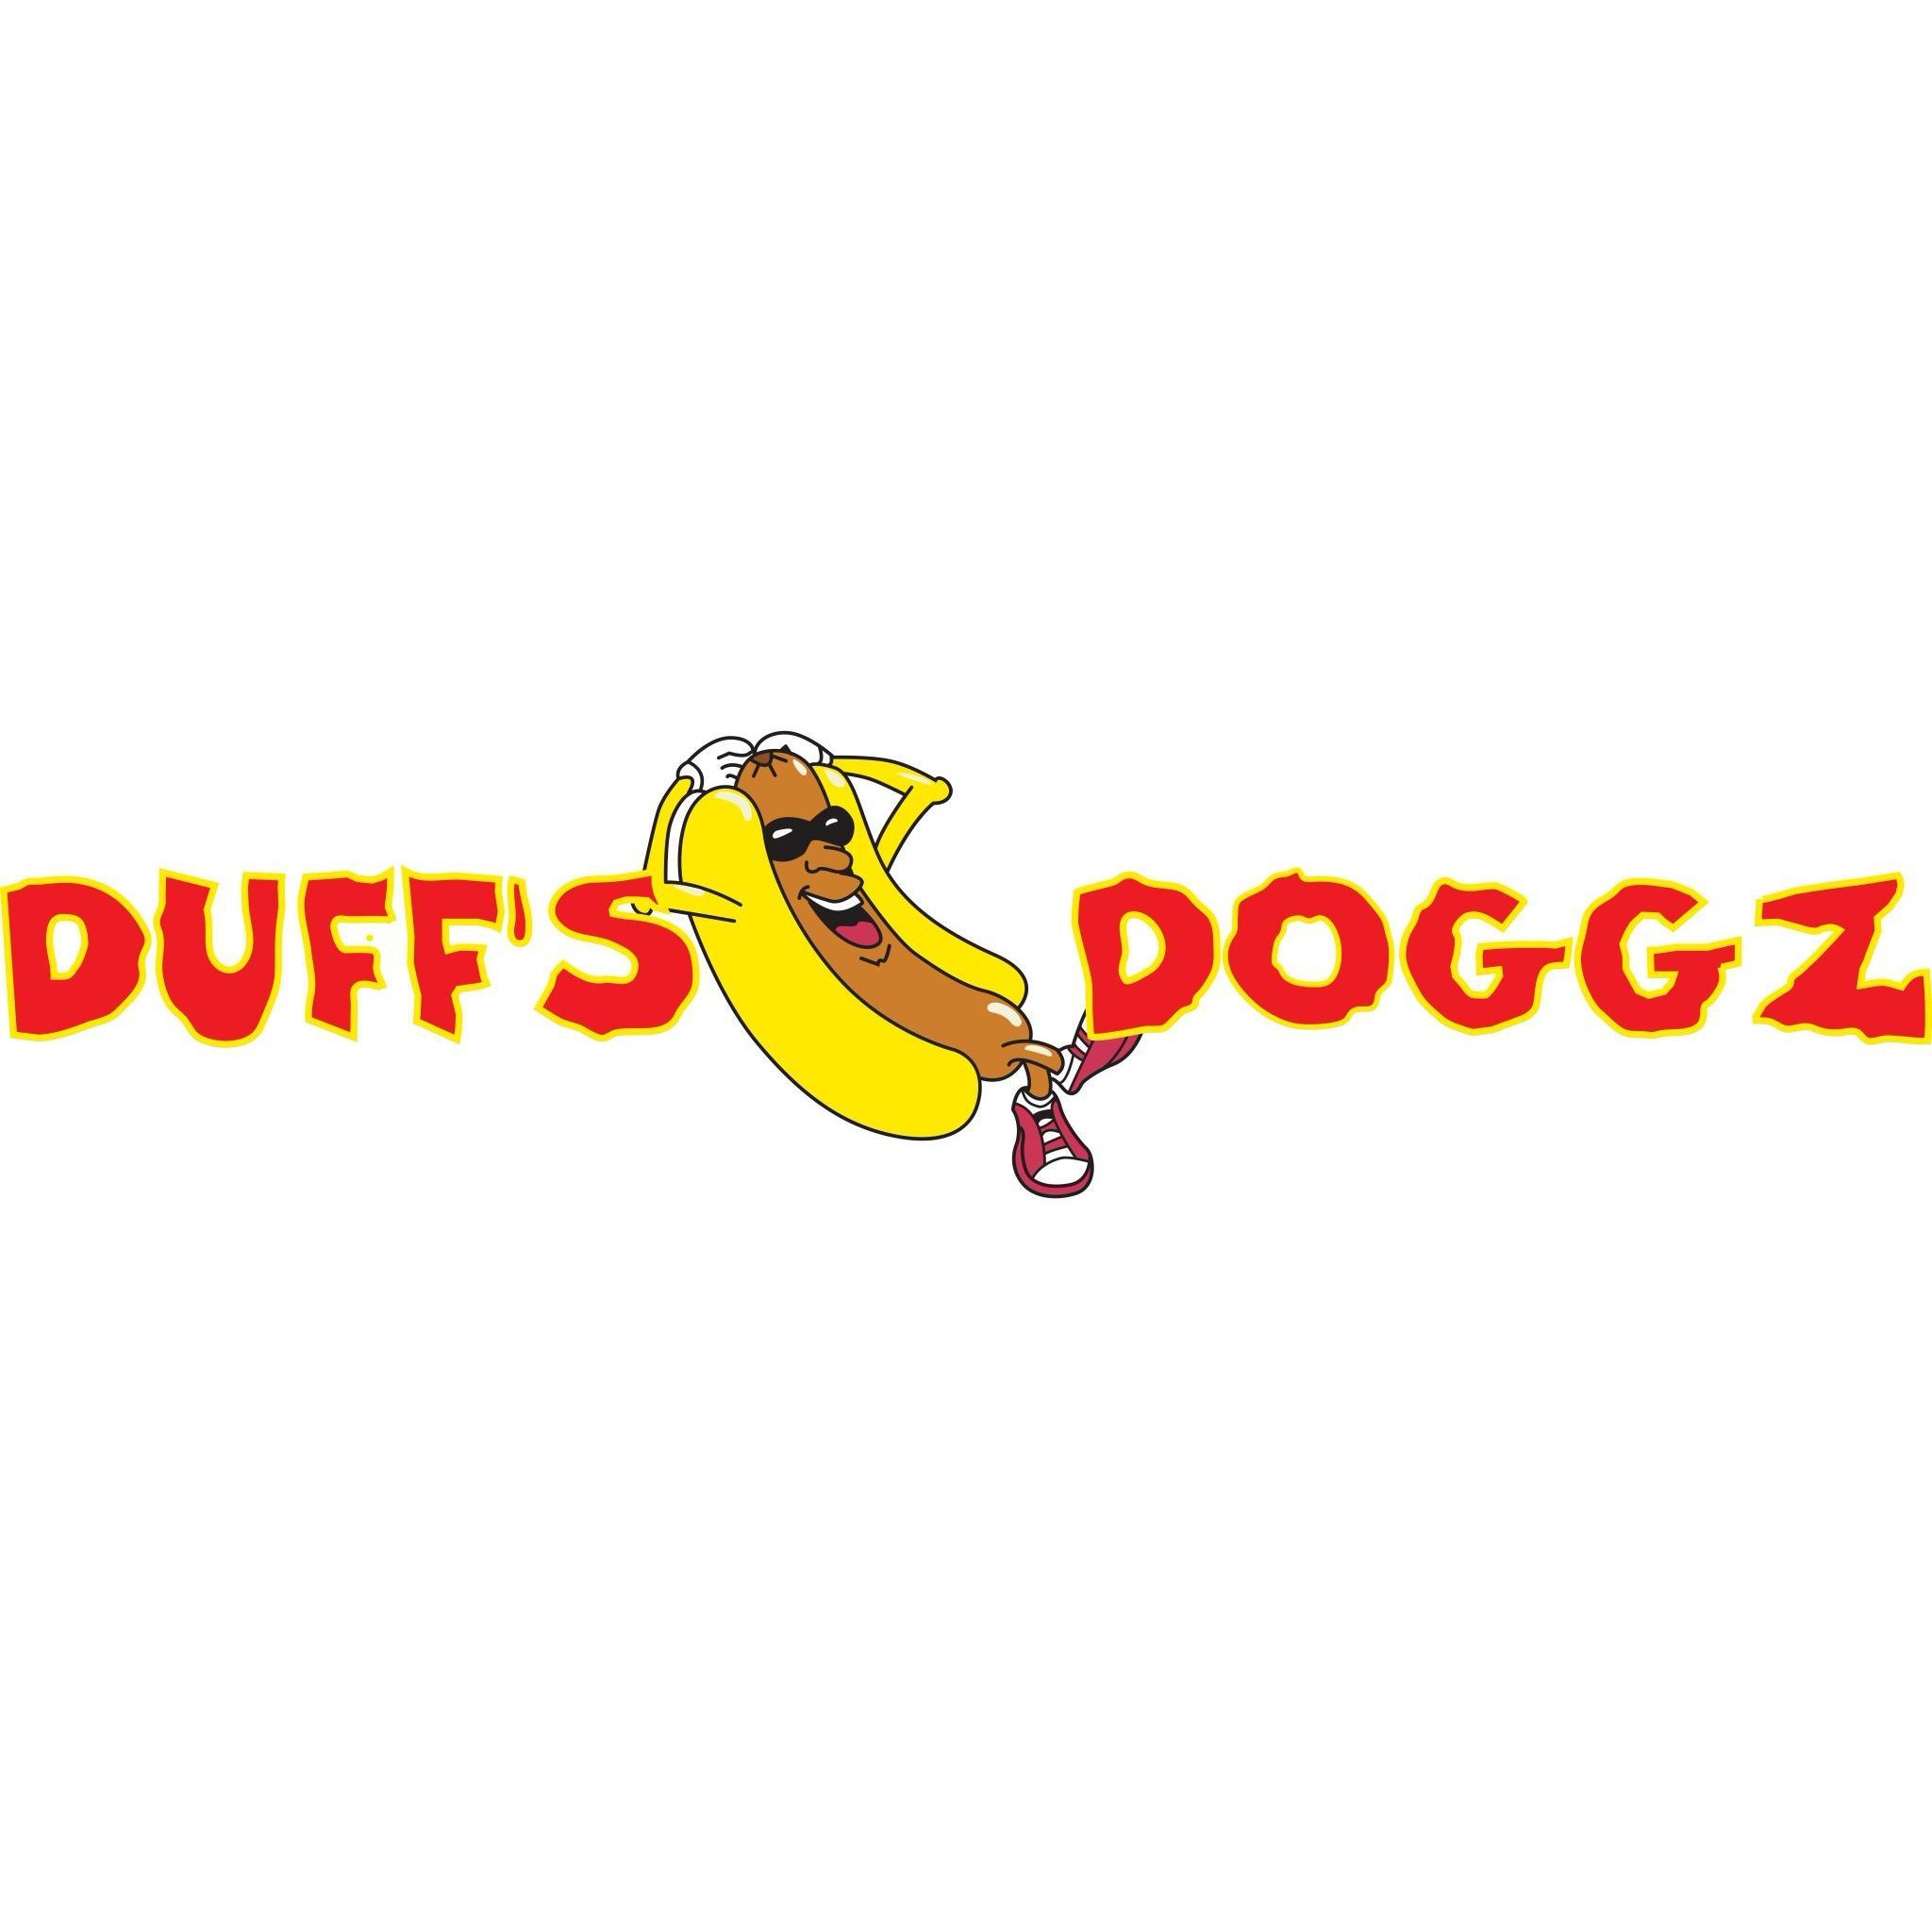 Duffs Doggz